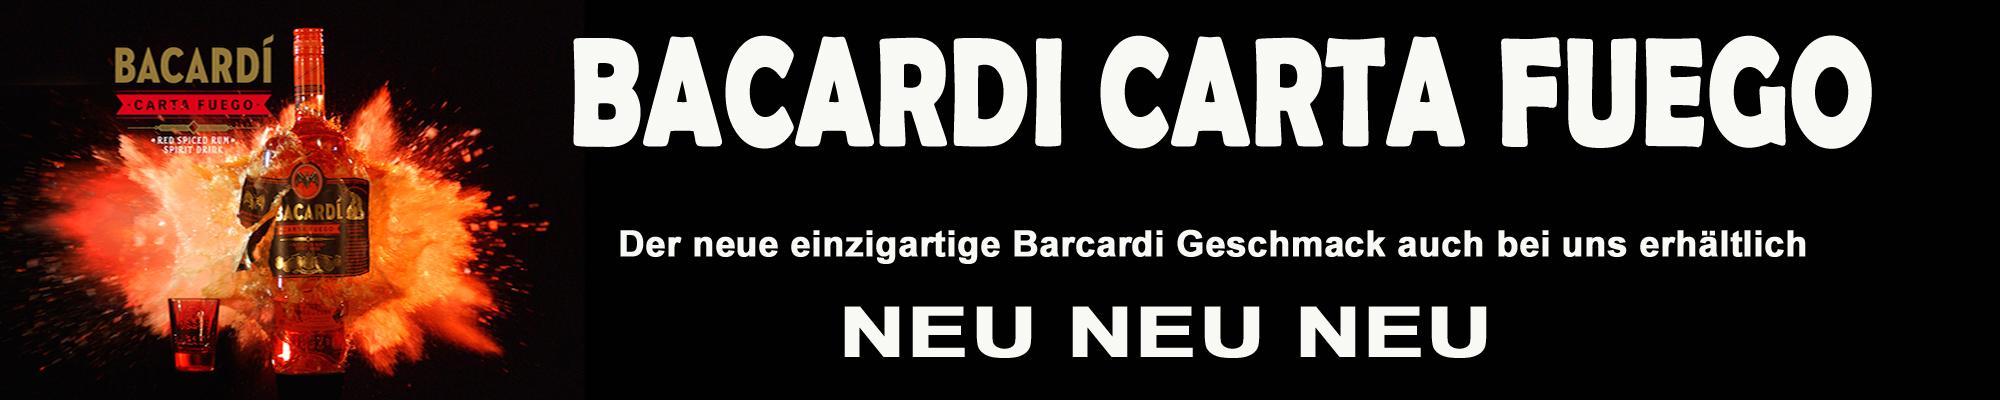 Bacardi-Carta-Fuego